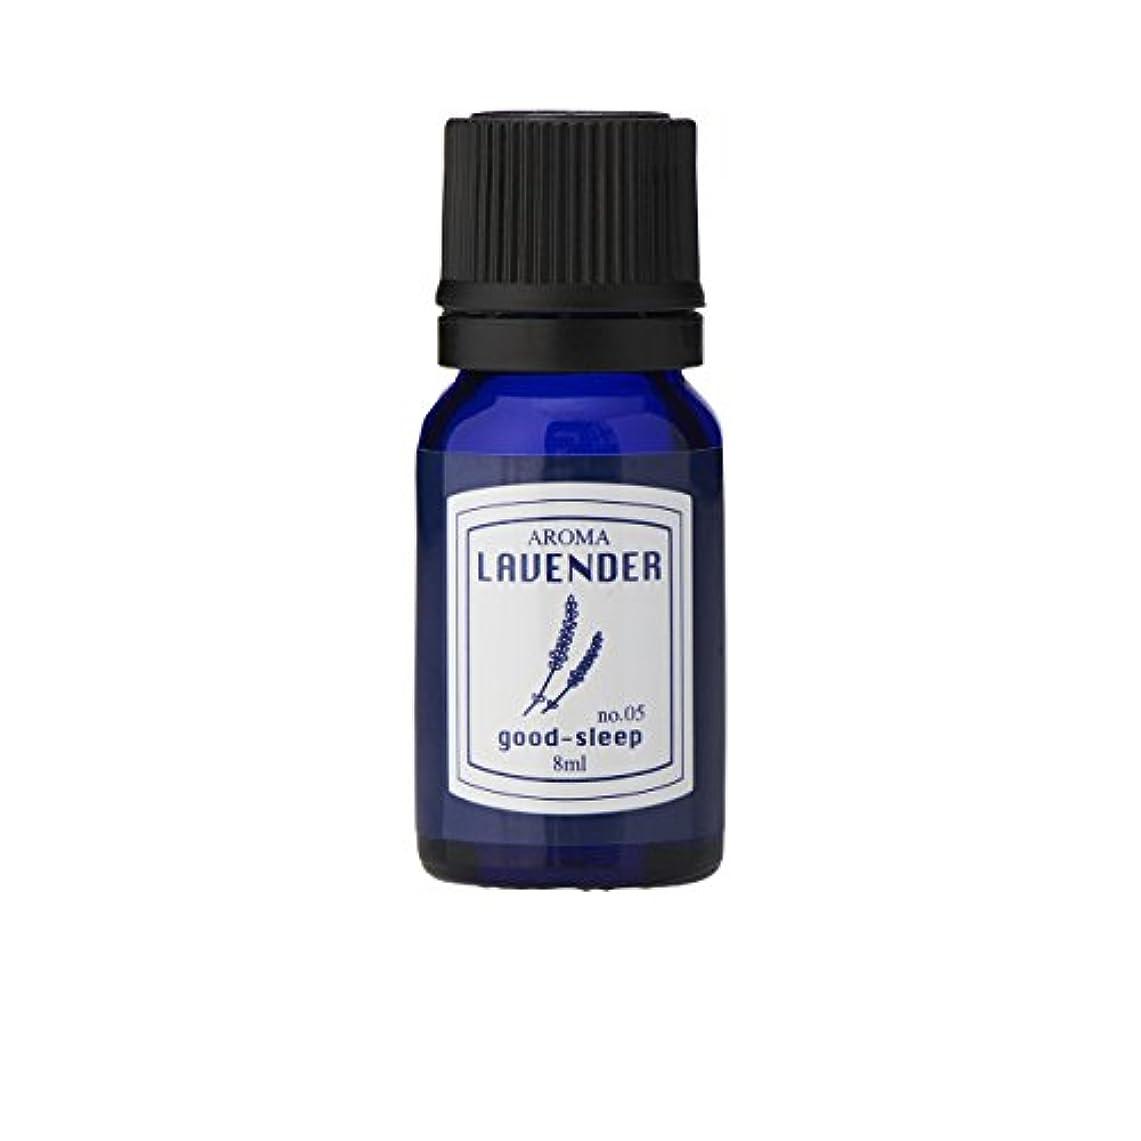 局対称なくなるブルーラベル アロマエッセンス8ml ラベンダー(アロマオイル 調合香料 芳香用 心落ち着ける清々しい香り)